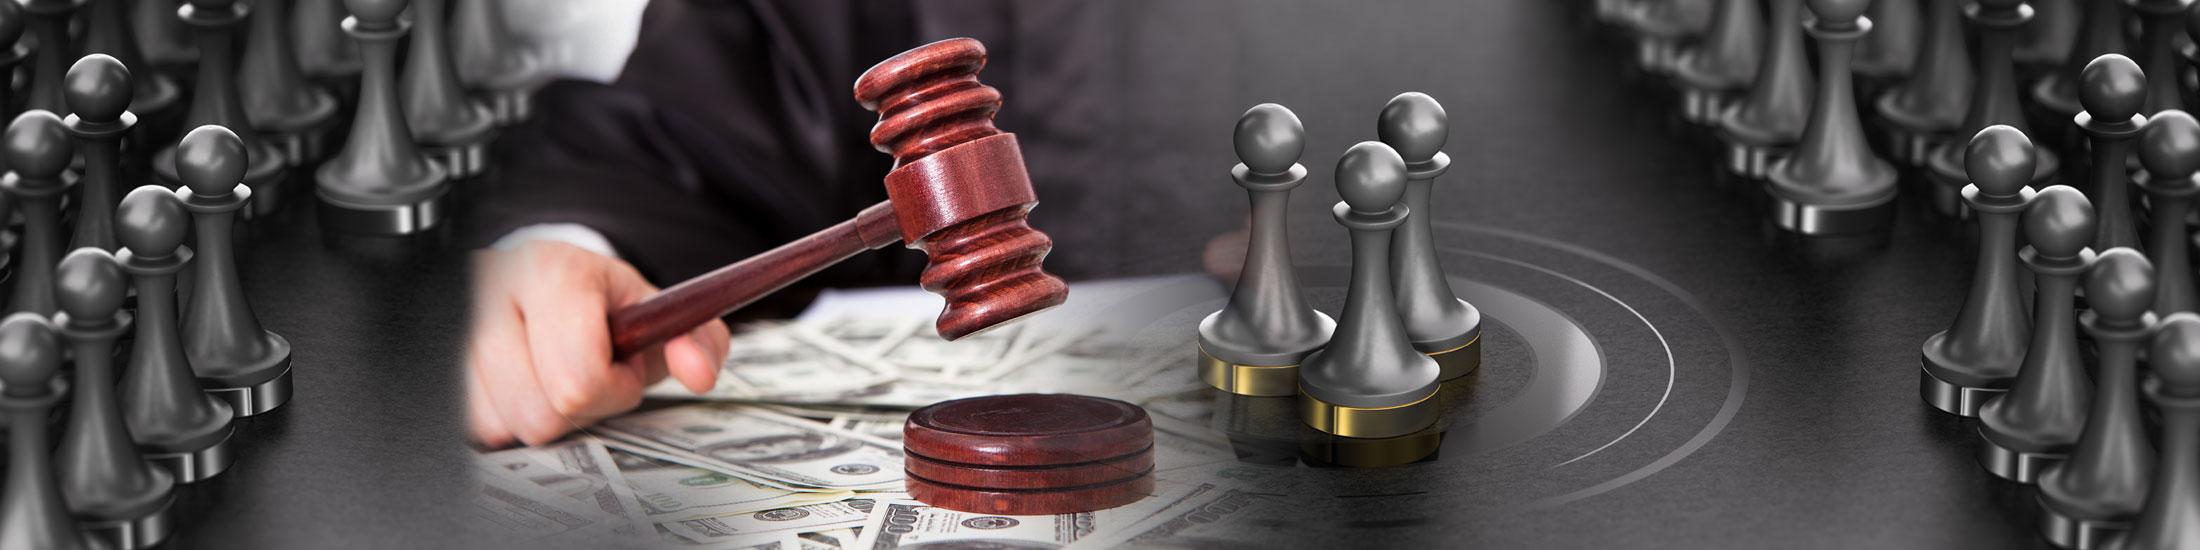 Visa Acquisition of Plaid Faces Antitrust Lawsuit